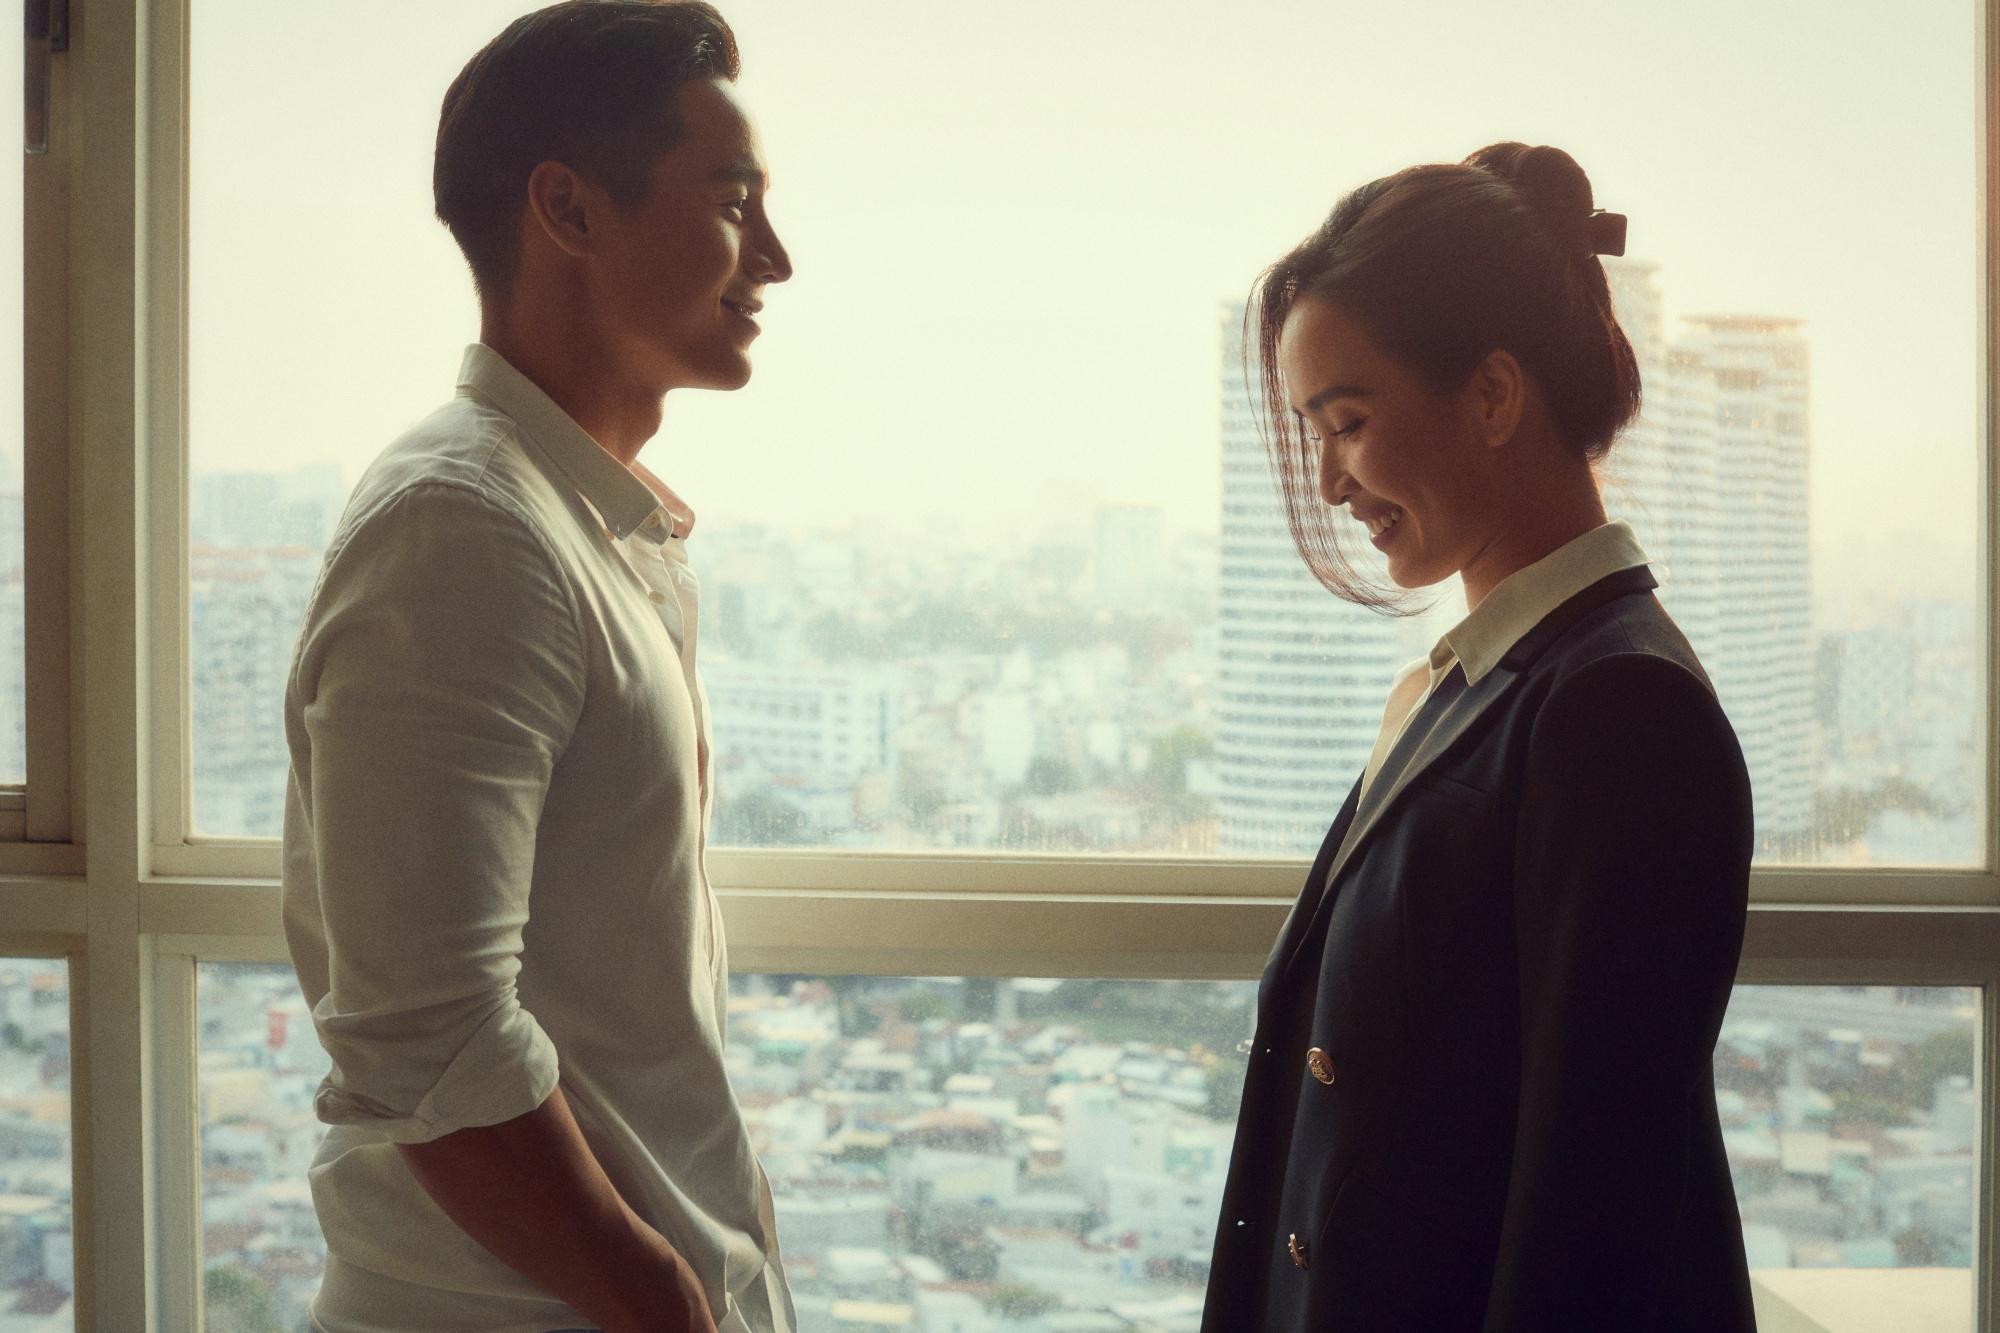 Ca sĩ Ái Phương chọn hình ảnh chững chạc khi xuất hiện ở phần đầu của MV.